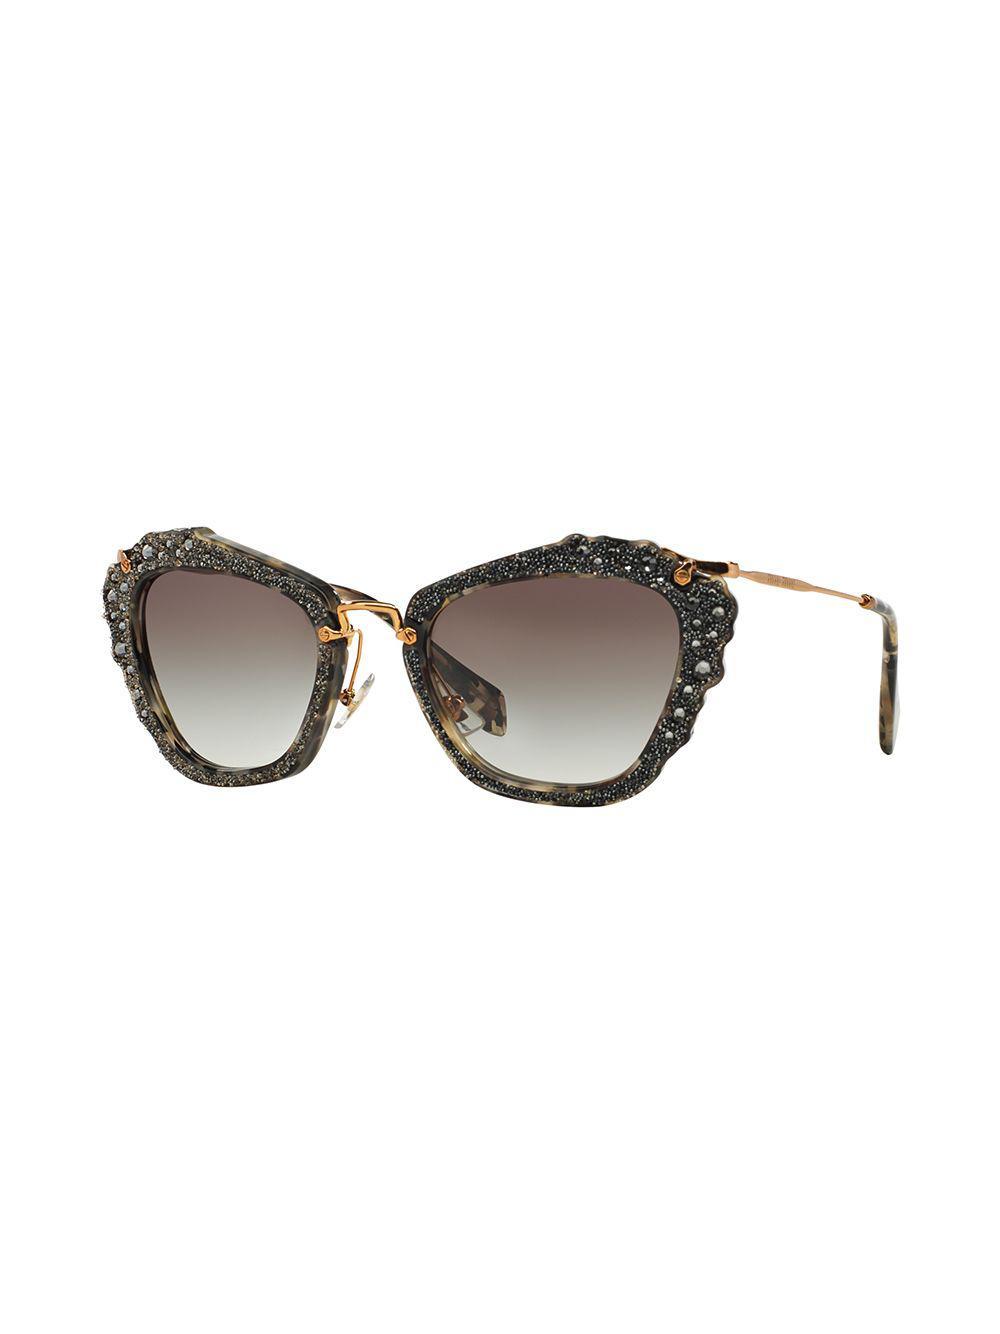 6bc9b0c7db28 Lyst - Miu Miu Noir Glitter Sunglasses in Black